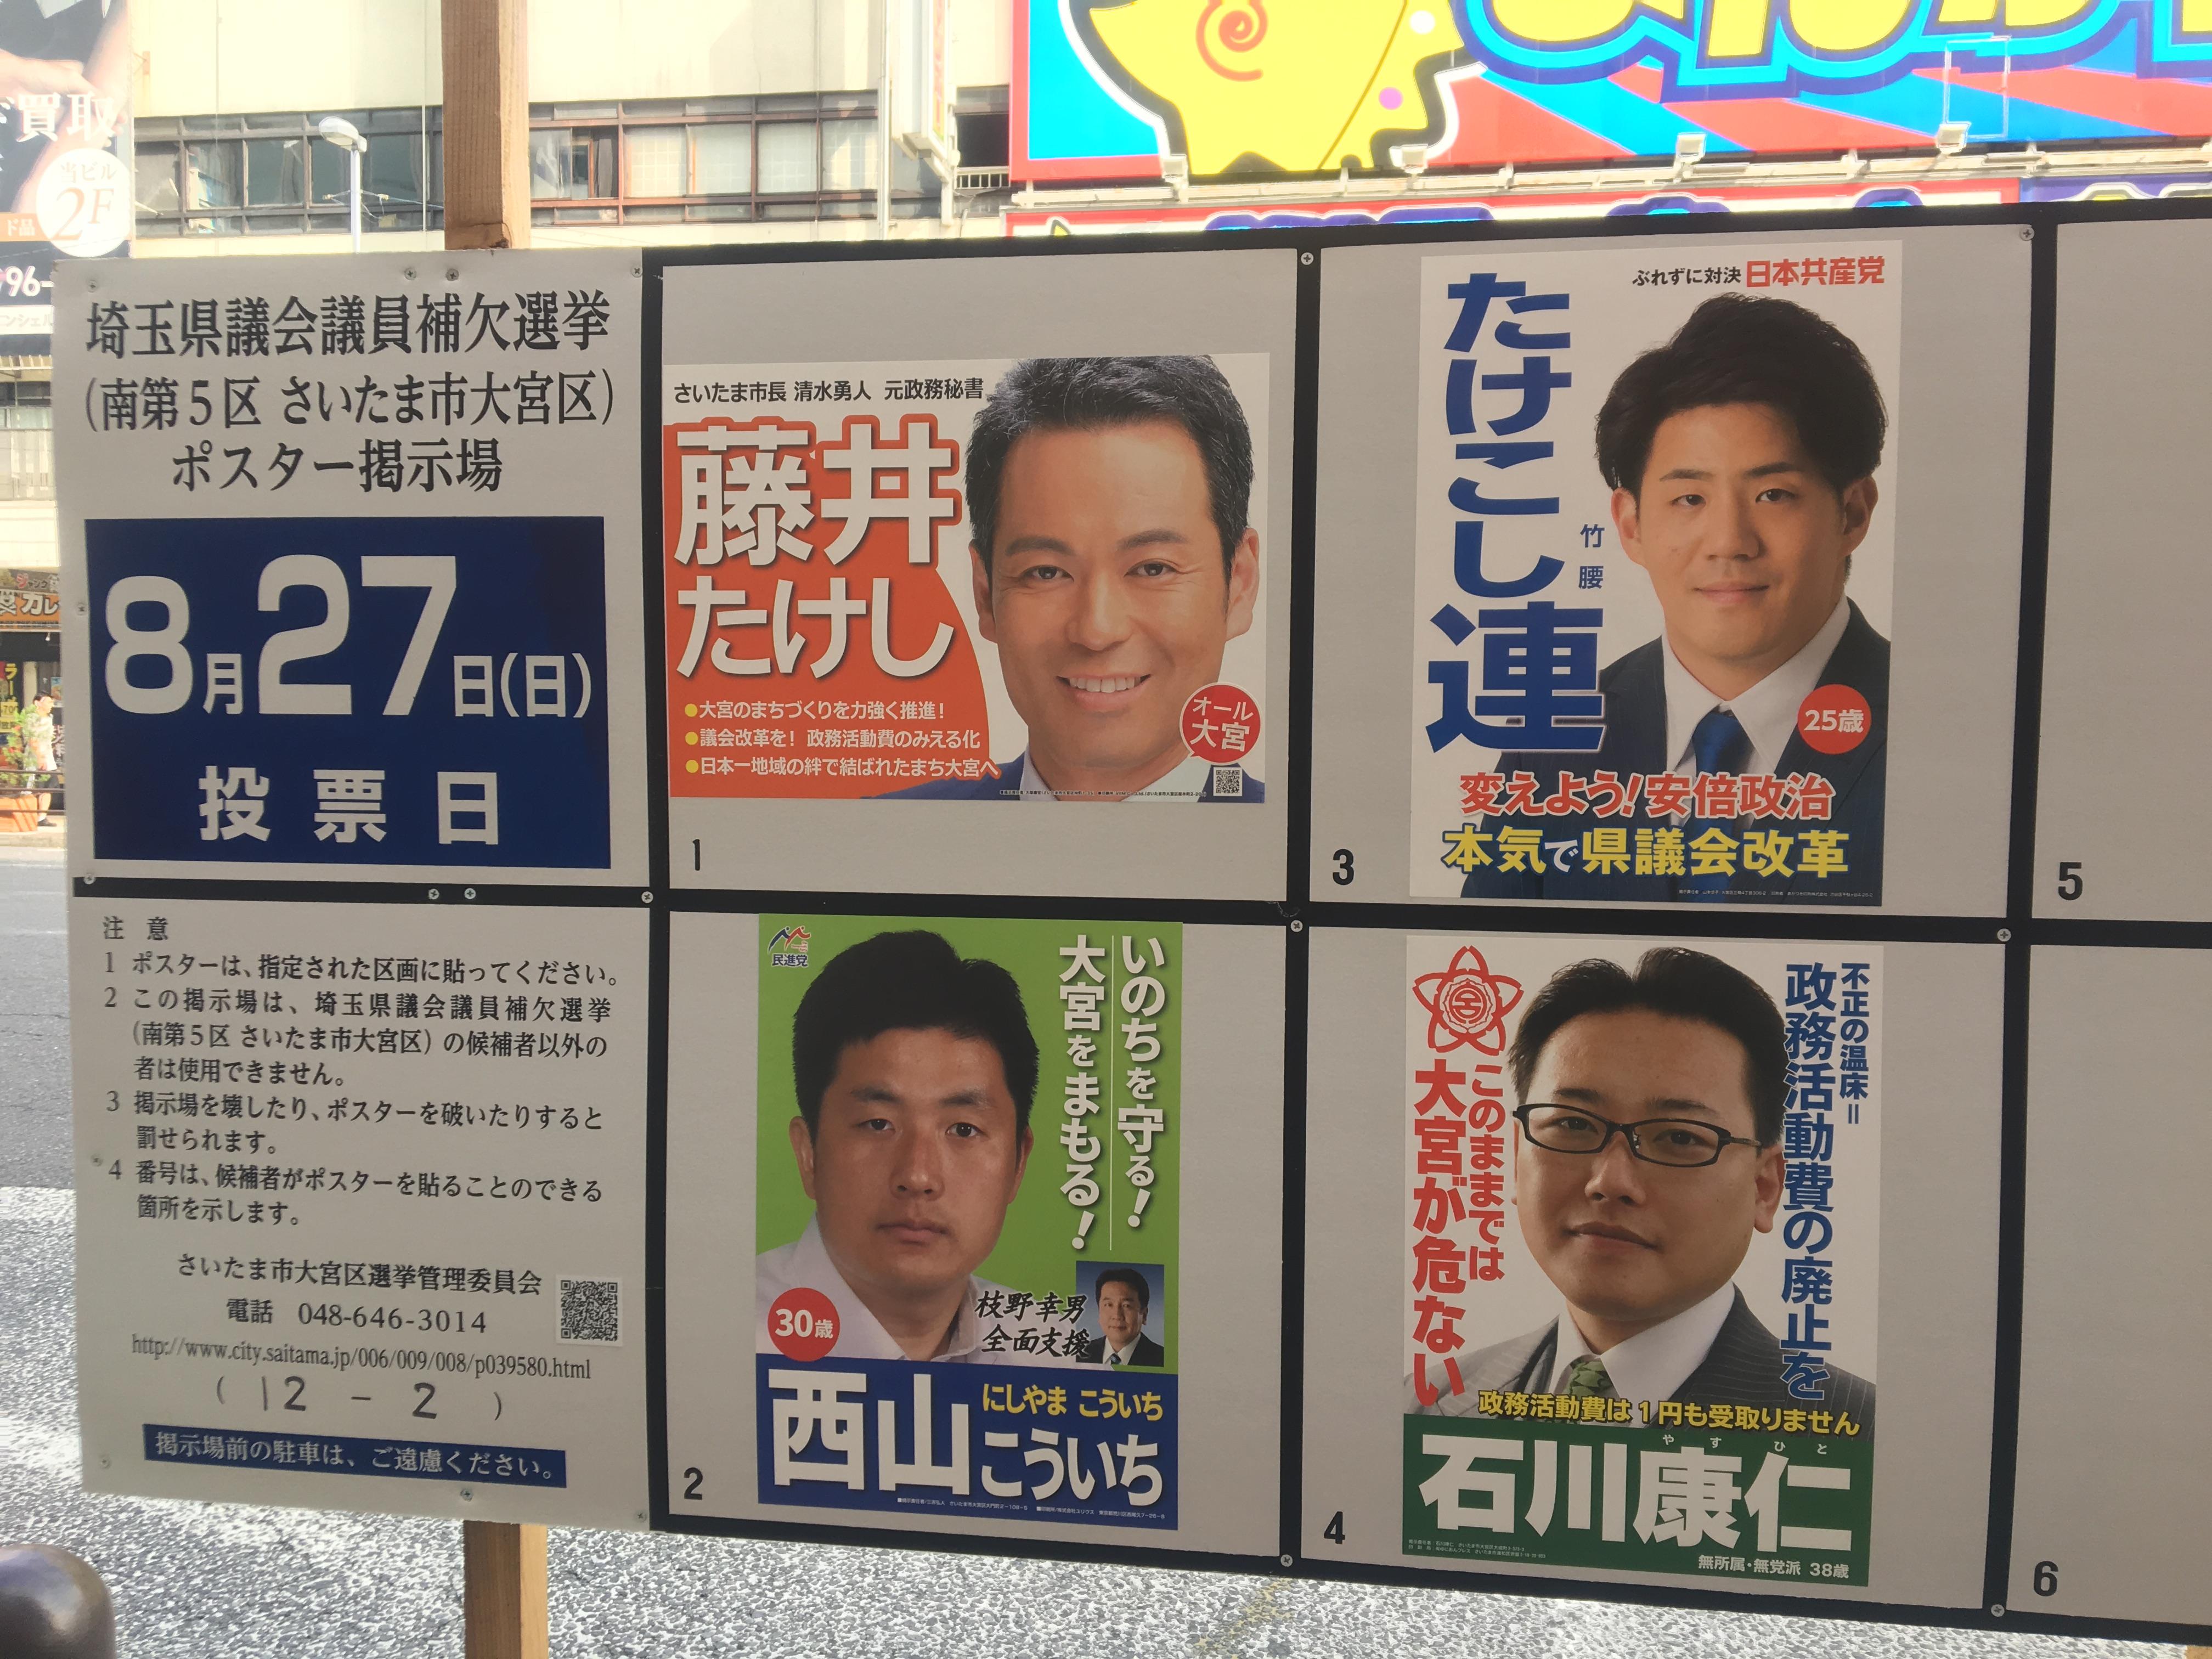 埼玉県議会補欠選挙、27日に投票迫る